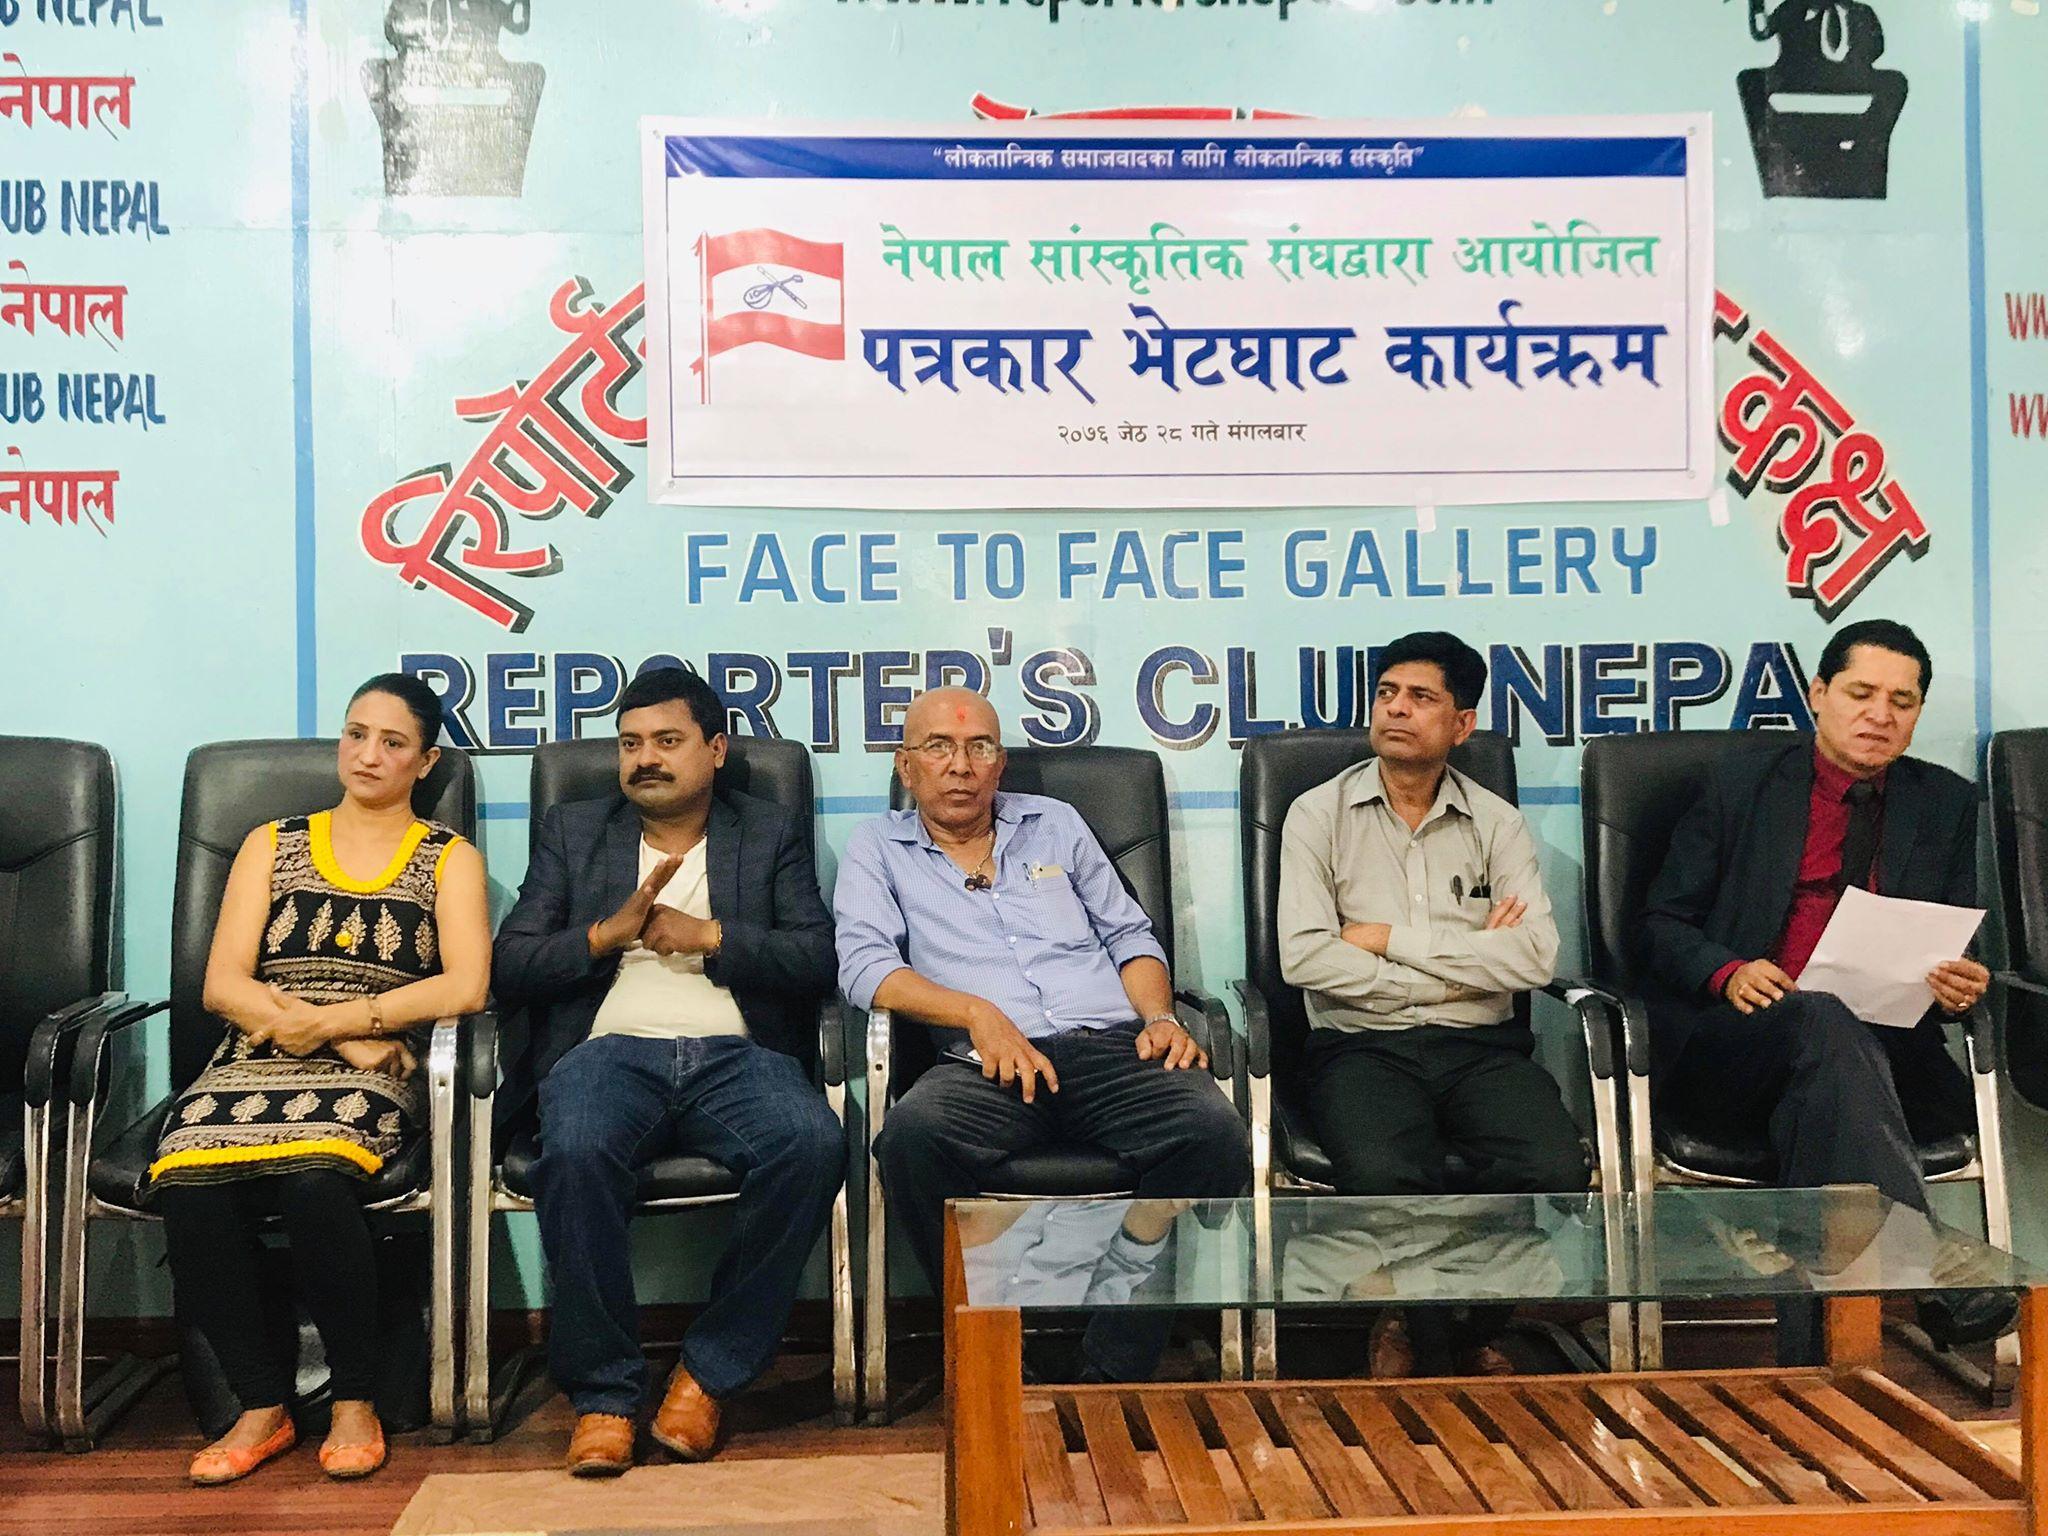 नेपाल सांस्कृतिक संघले जेठ ३१ र ३२ गते राष्ट्रिय प्रशिक्षण भेलाको आयोजना गर्ने